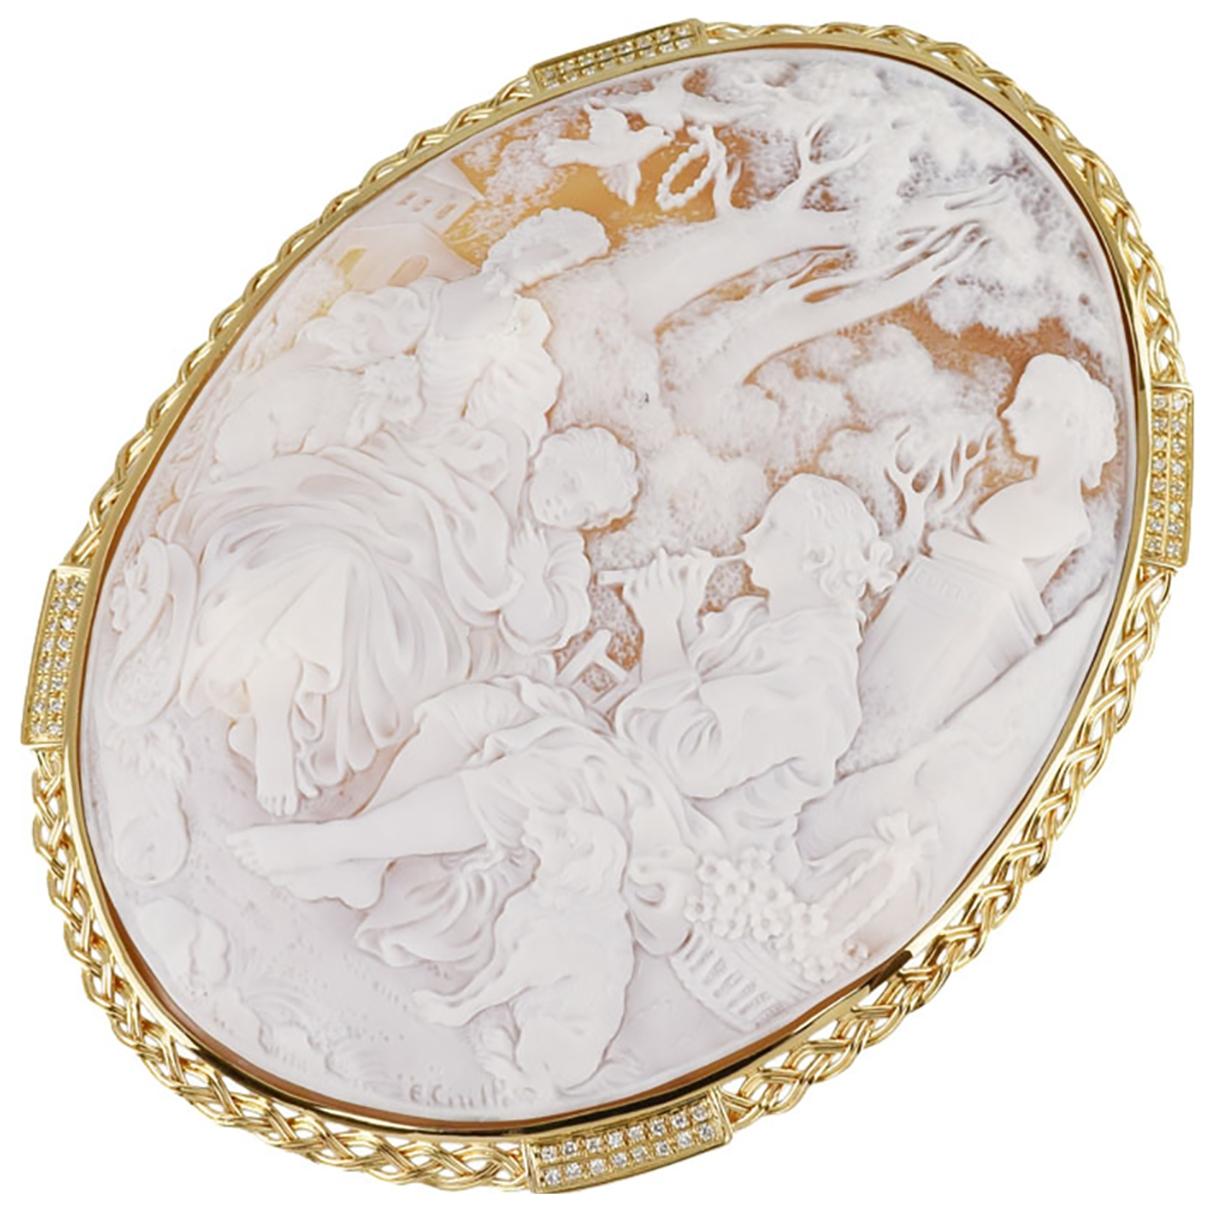 Broche Medailles de Oro amarillo Non Signe / Unsigned